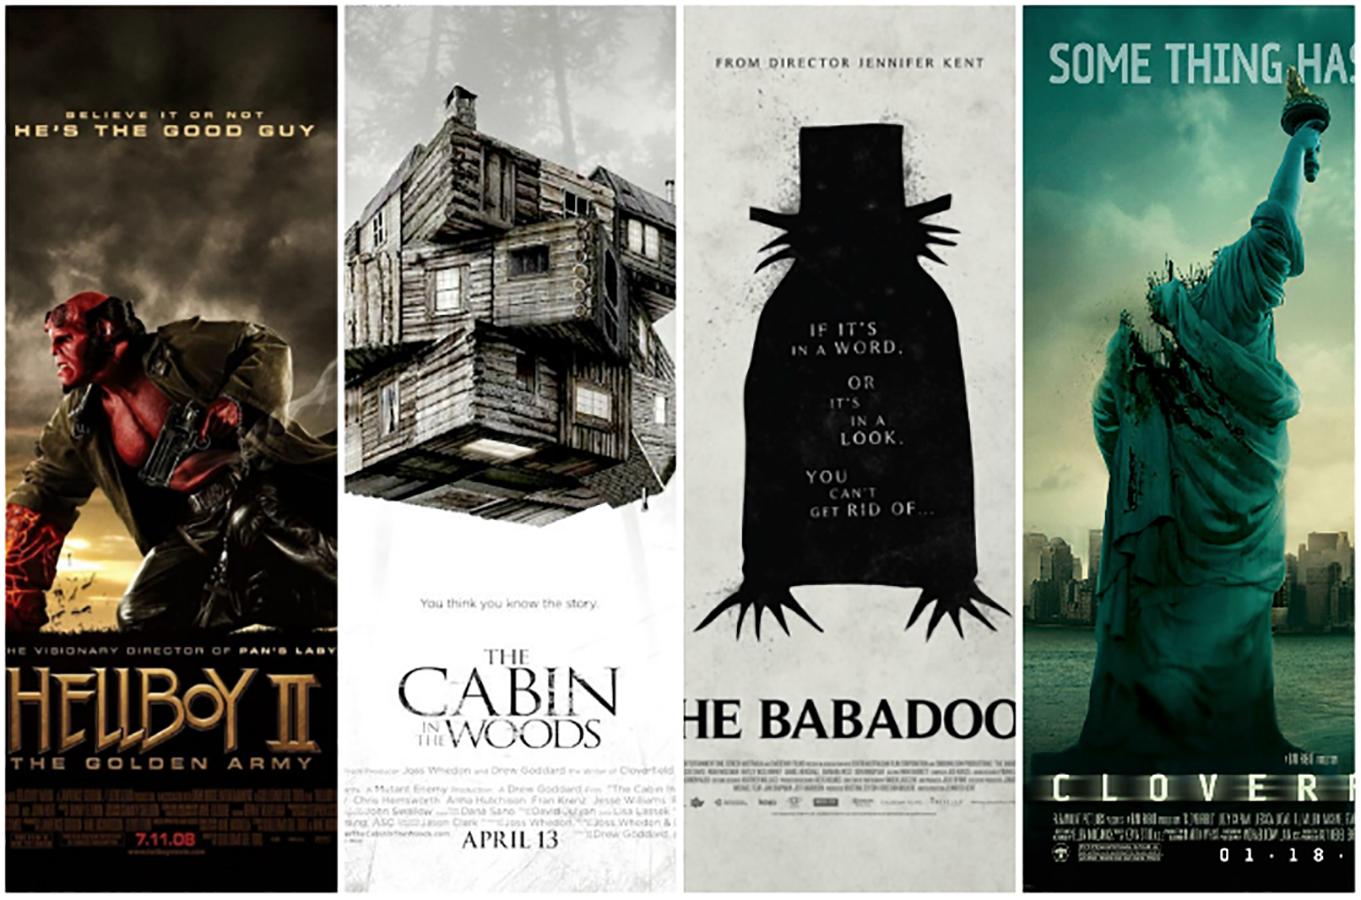 ۱۰ فیلم هیولایی برتر قرن بیست و یک